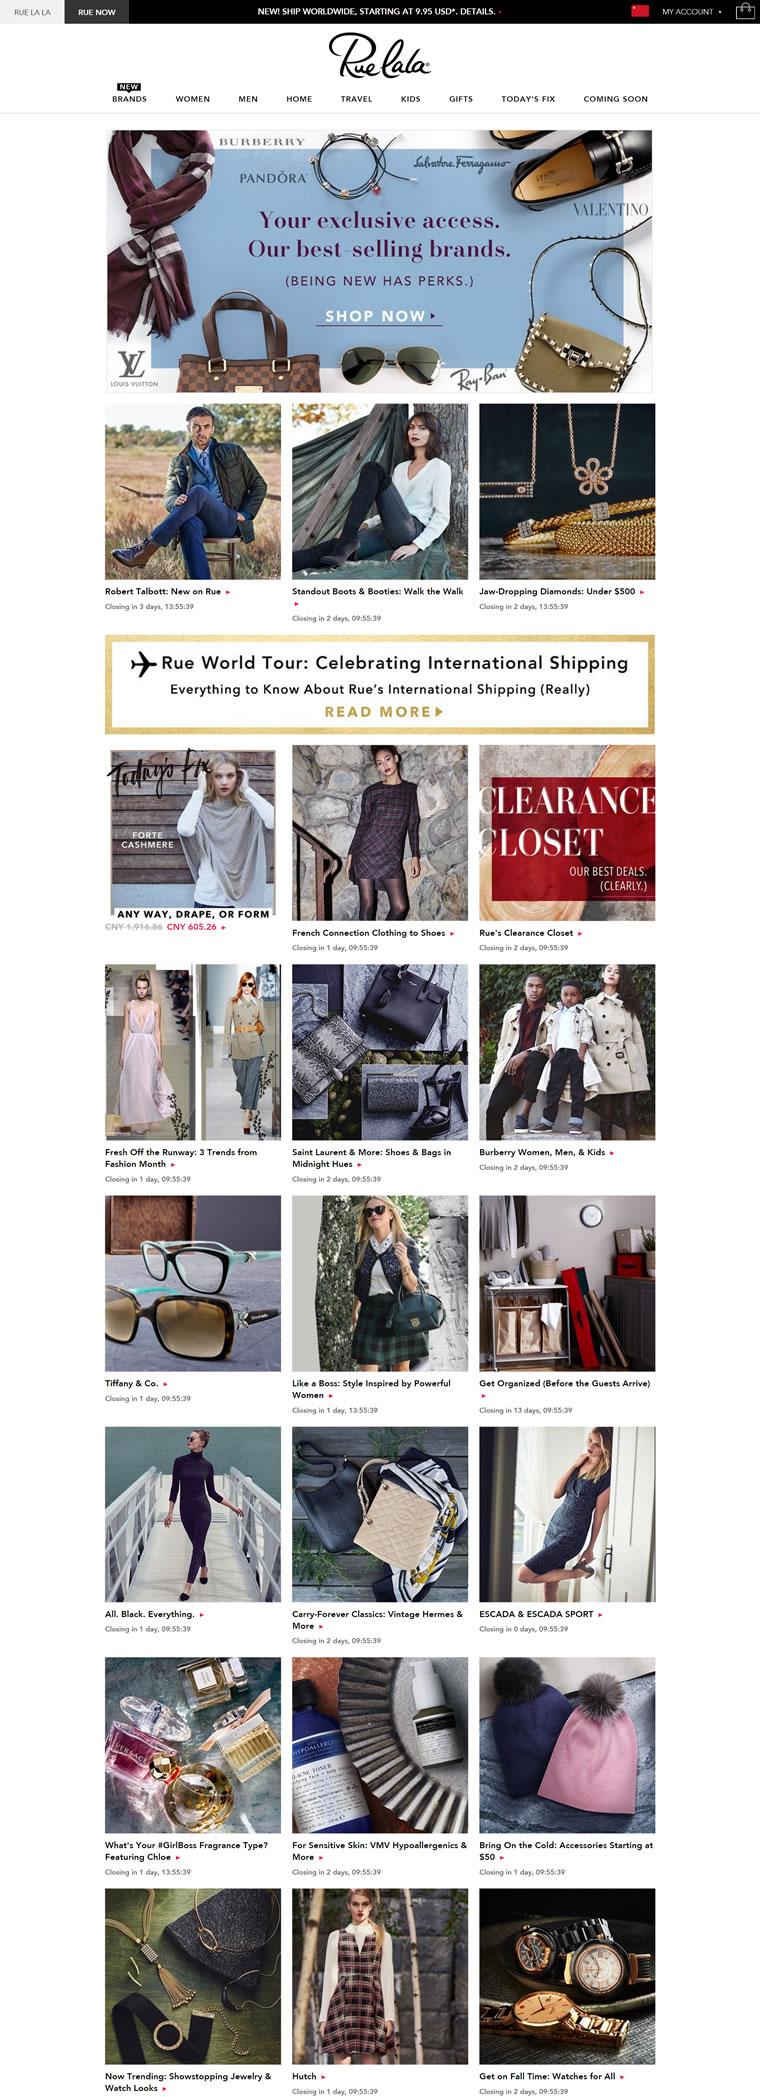 美国Rue La La闪购网站:奢侈品、中高档品牌限时折扣